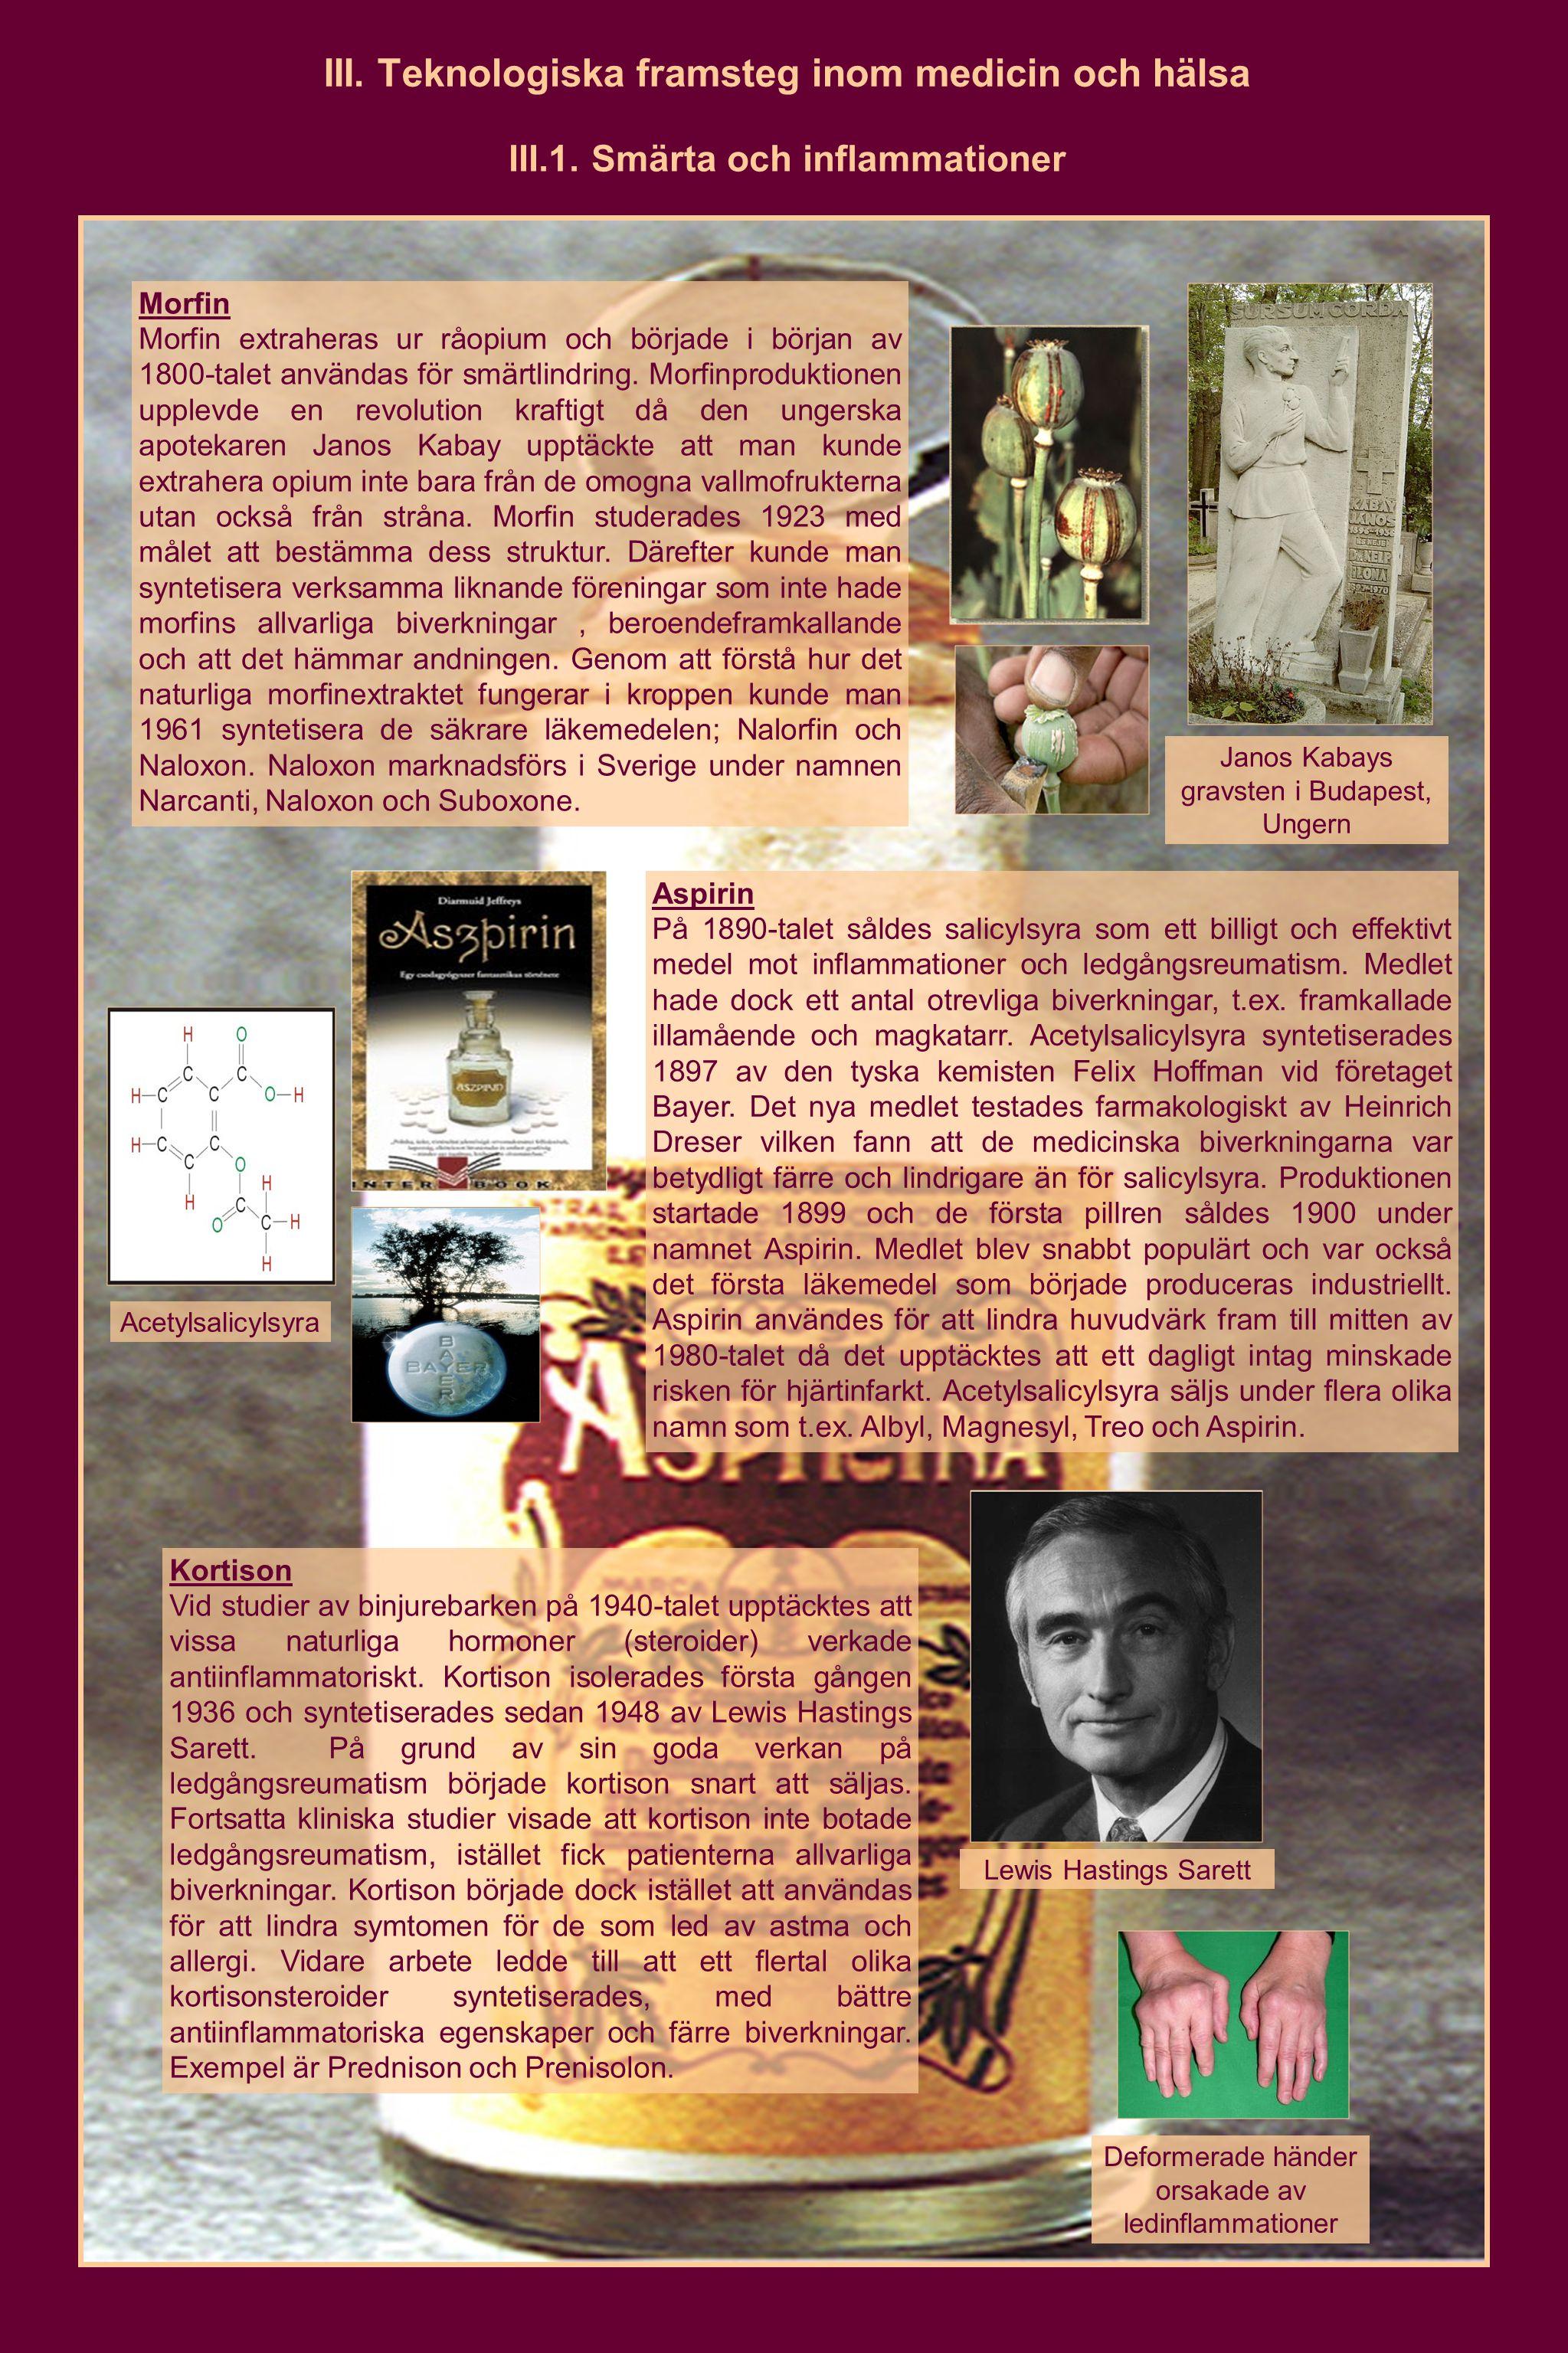 III. Teknologiska framsteg inom medicin och hälsa III.1. Smärta och inflammationer Morfin Morfin extraheras ur råopium och började i början av 1800-ta